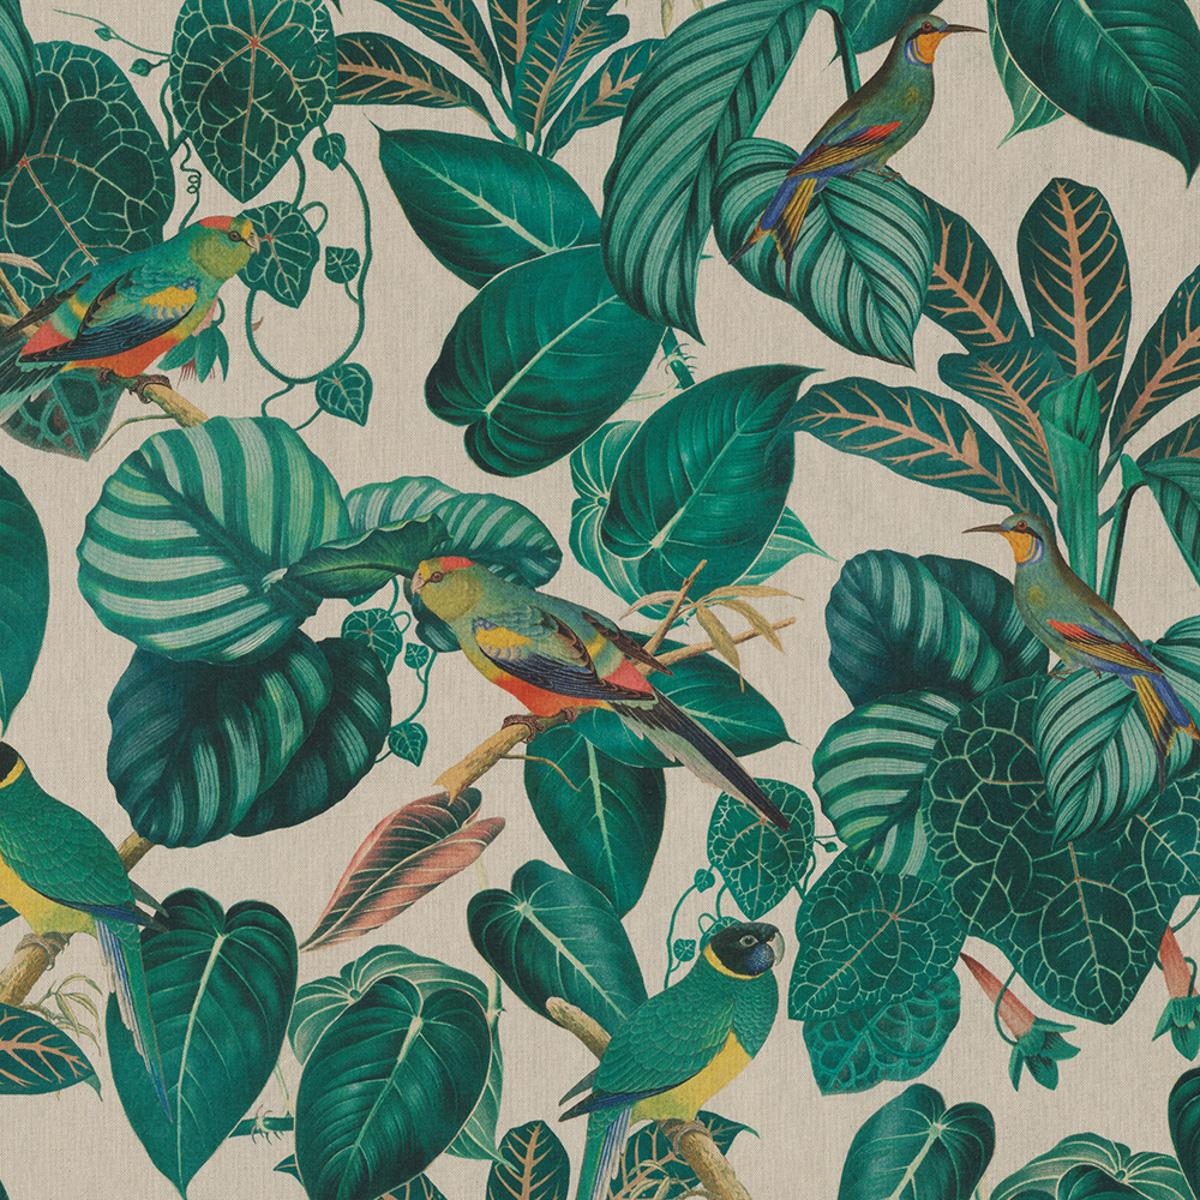 Dekostoff Halbpanama Leinenlook Calathea Leaves Blätter Papageien natur grün 1,40m Breite